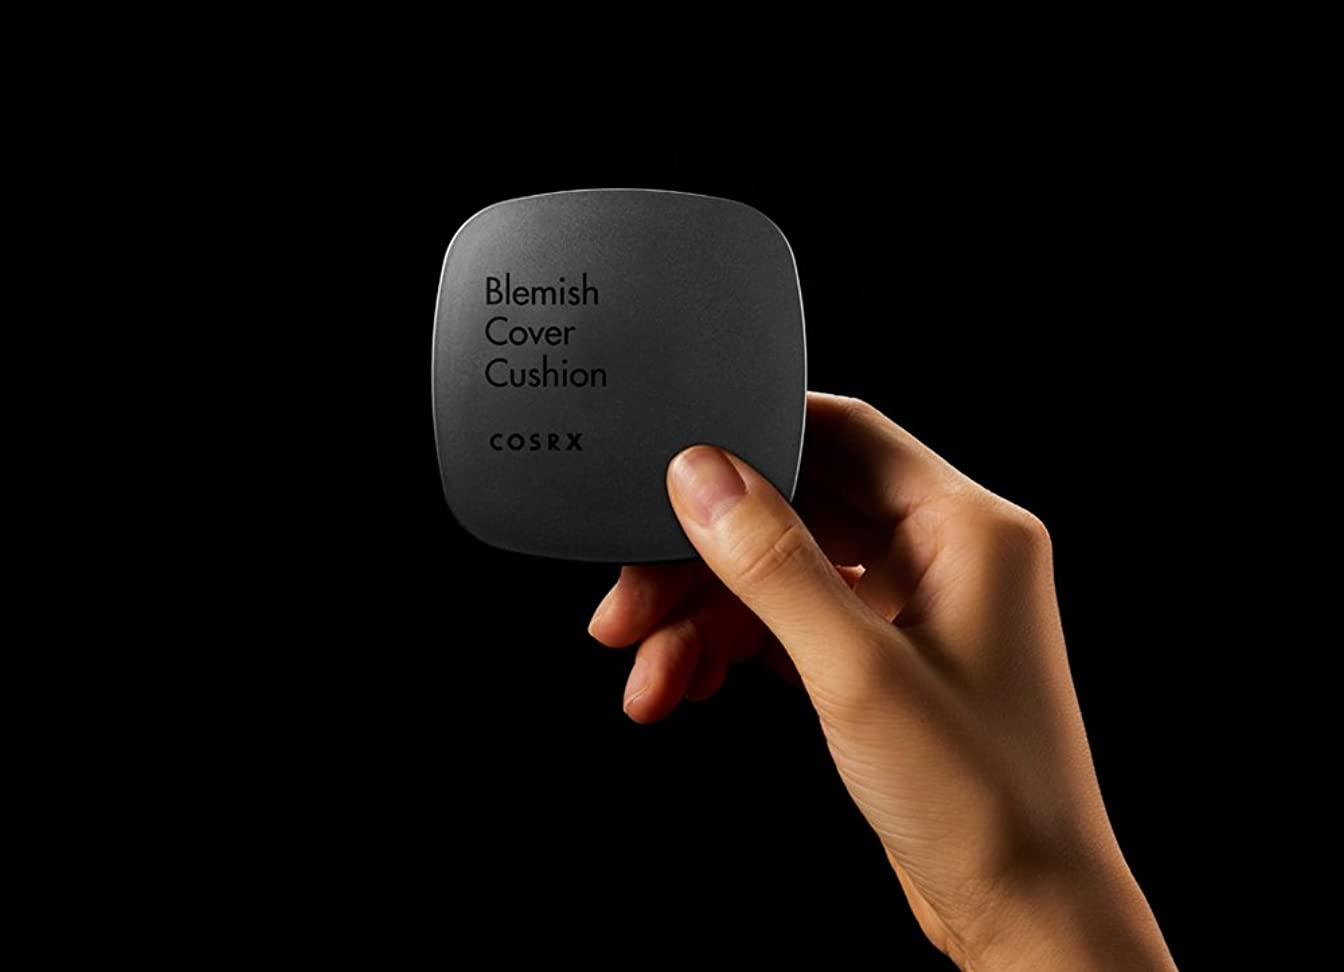 十億何か寛解[ RENEWAL!! ] COSRX Clear Cover Blemish Cushion 15g SPF47 PA++/COSRX クリアカバー ブレミッシュ クッション 15g SPF47 PA++ (#23 Natural) [並行輸入品]